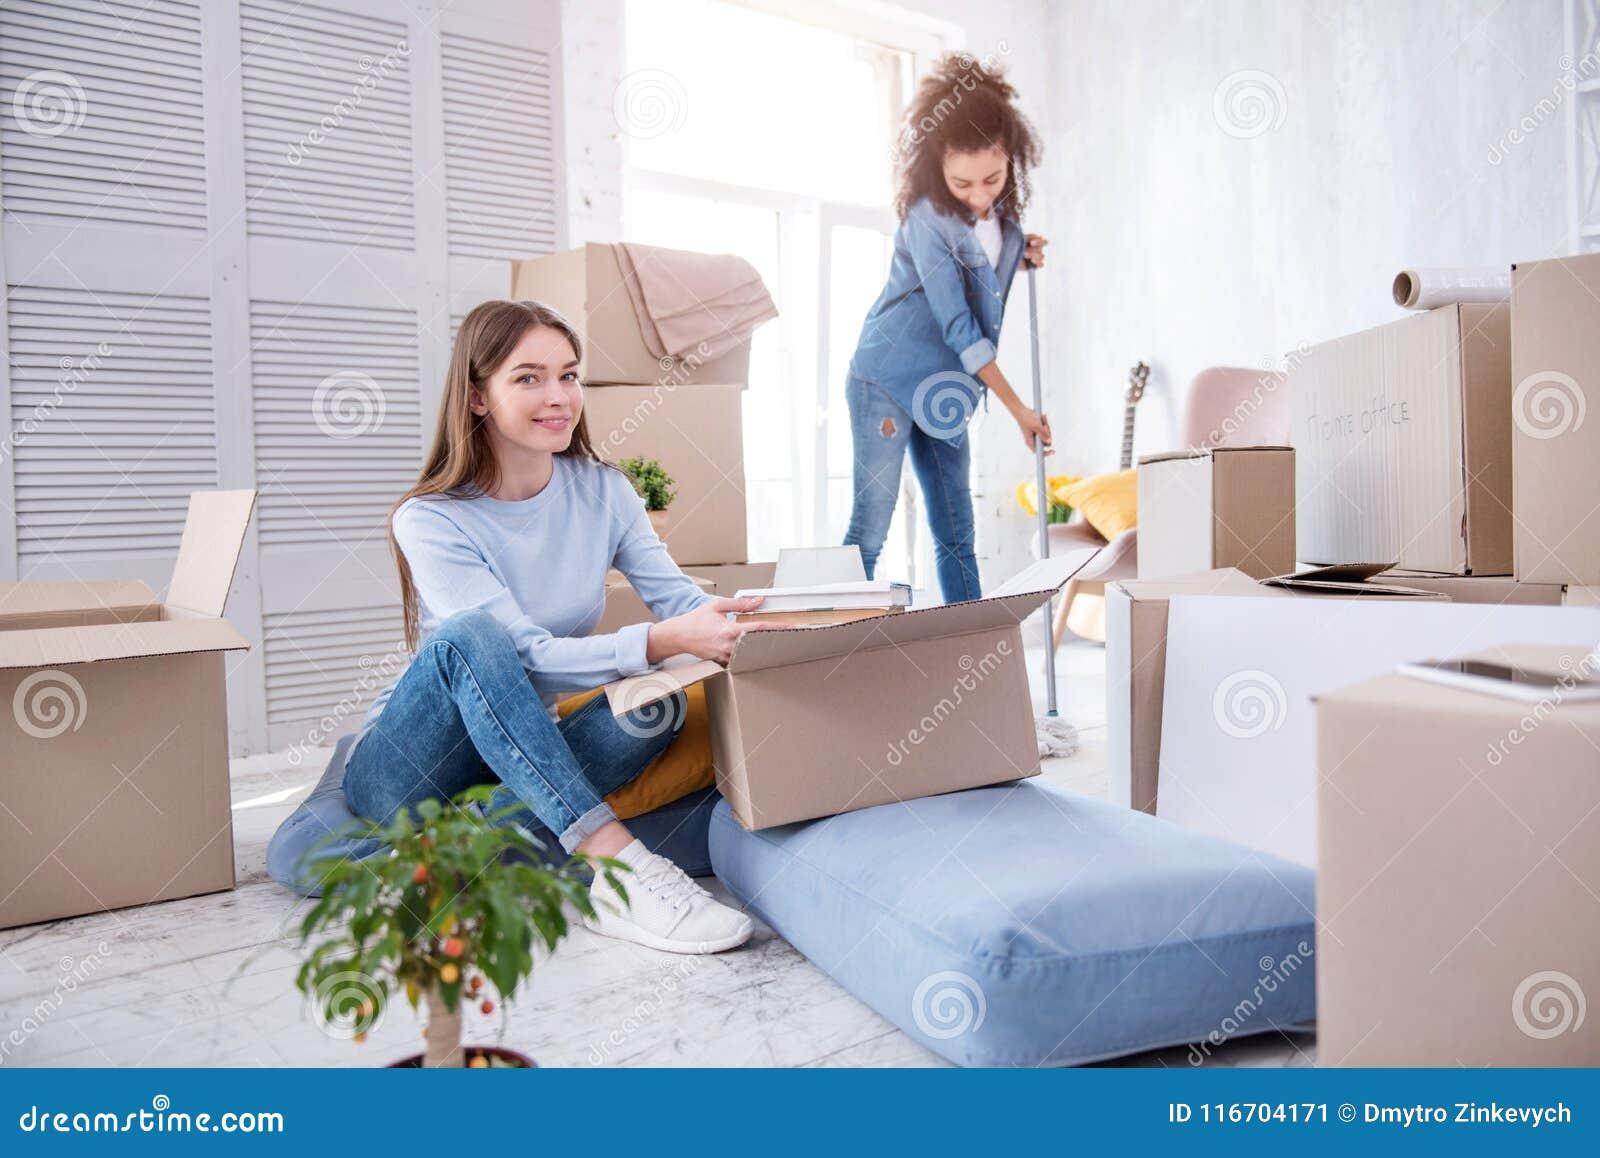 Kvinnliga studenter för upptakt som packar upp och gör ren dormrum